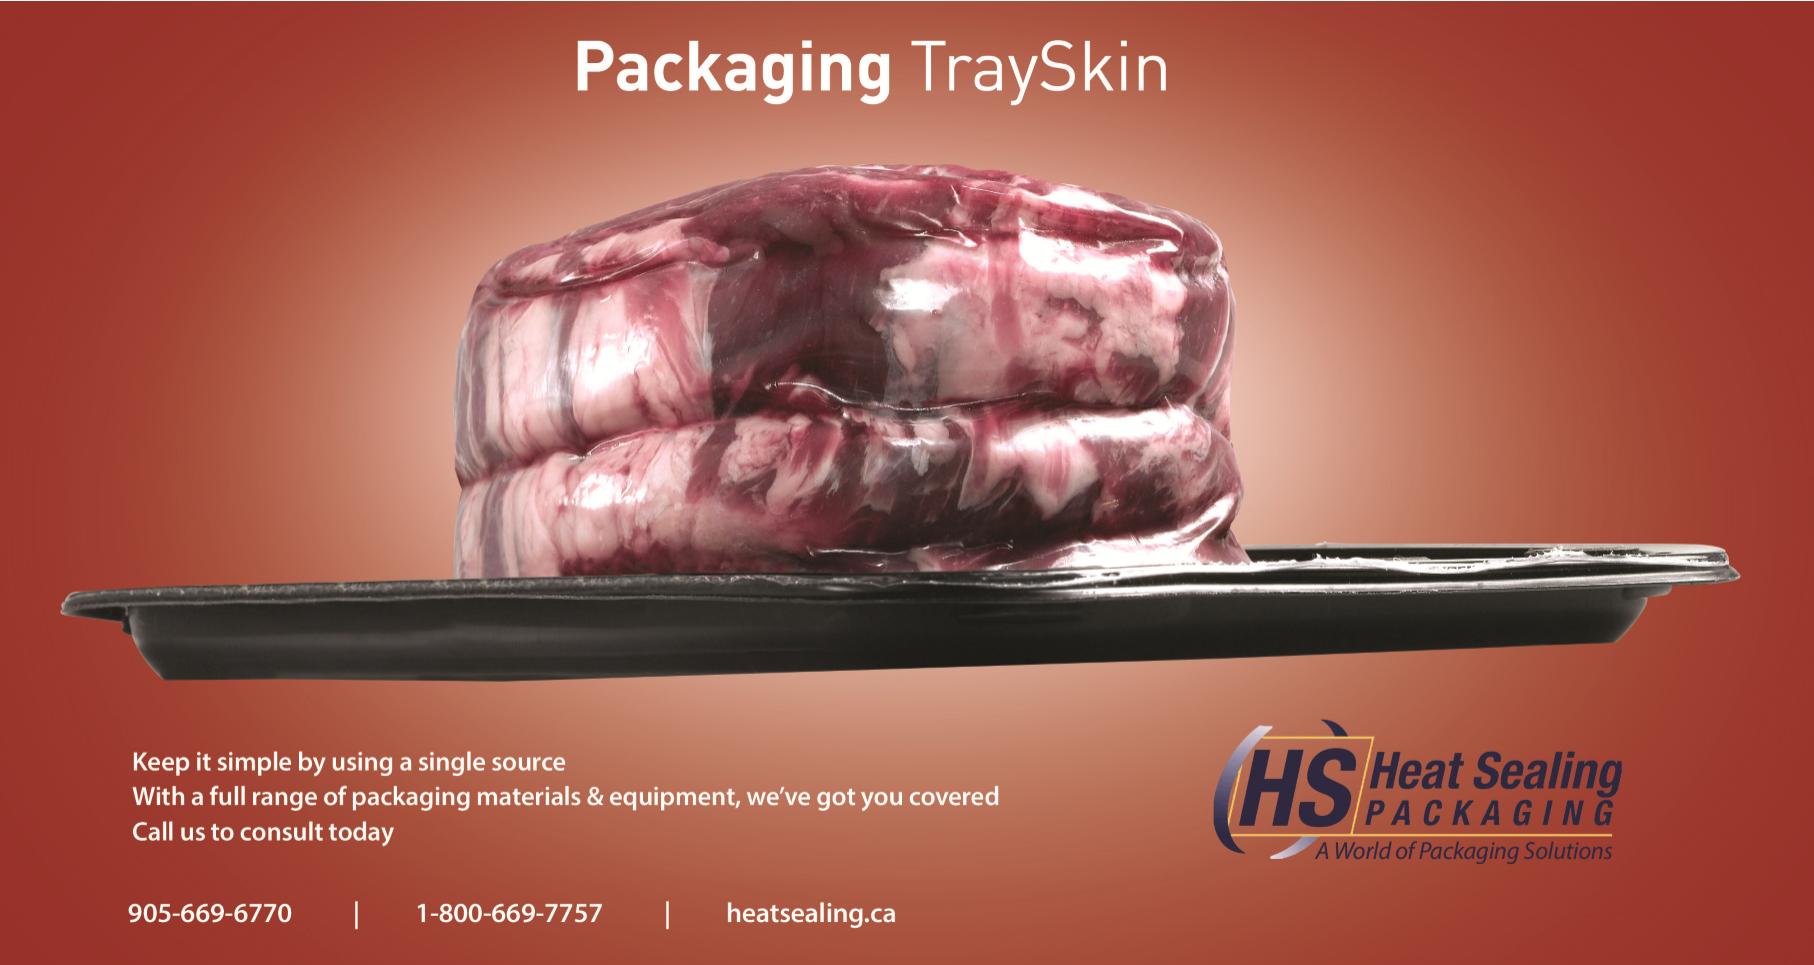 TraySkin Packaging